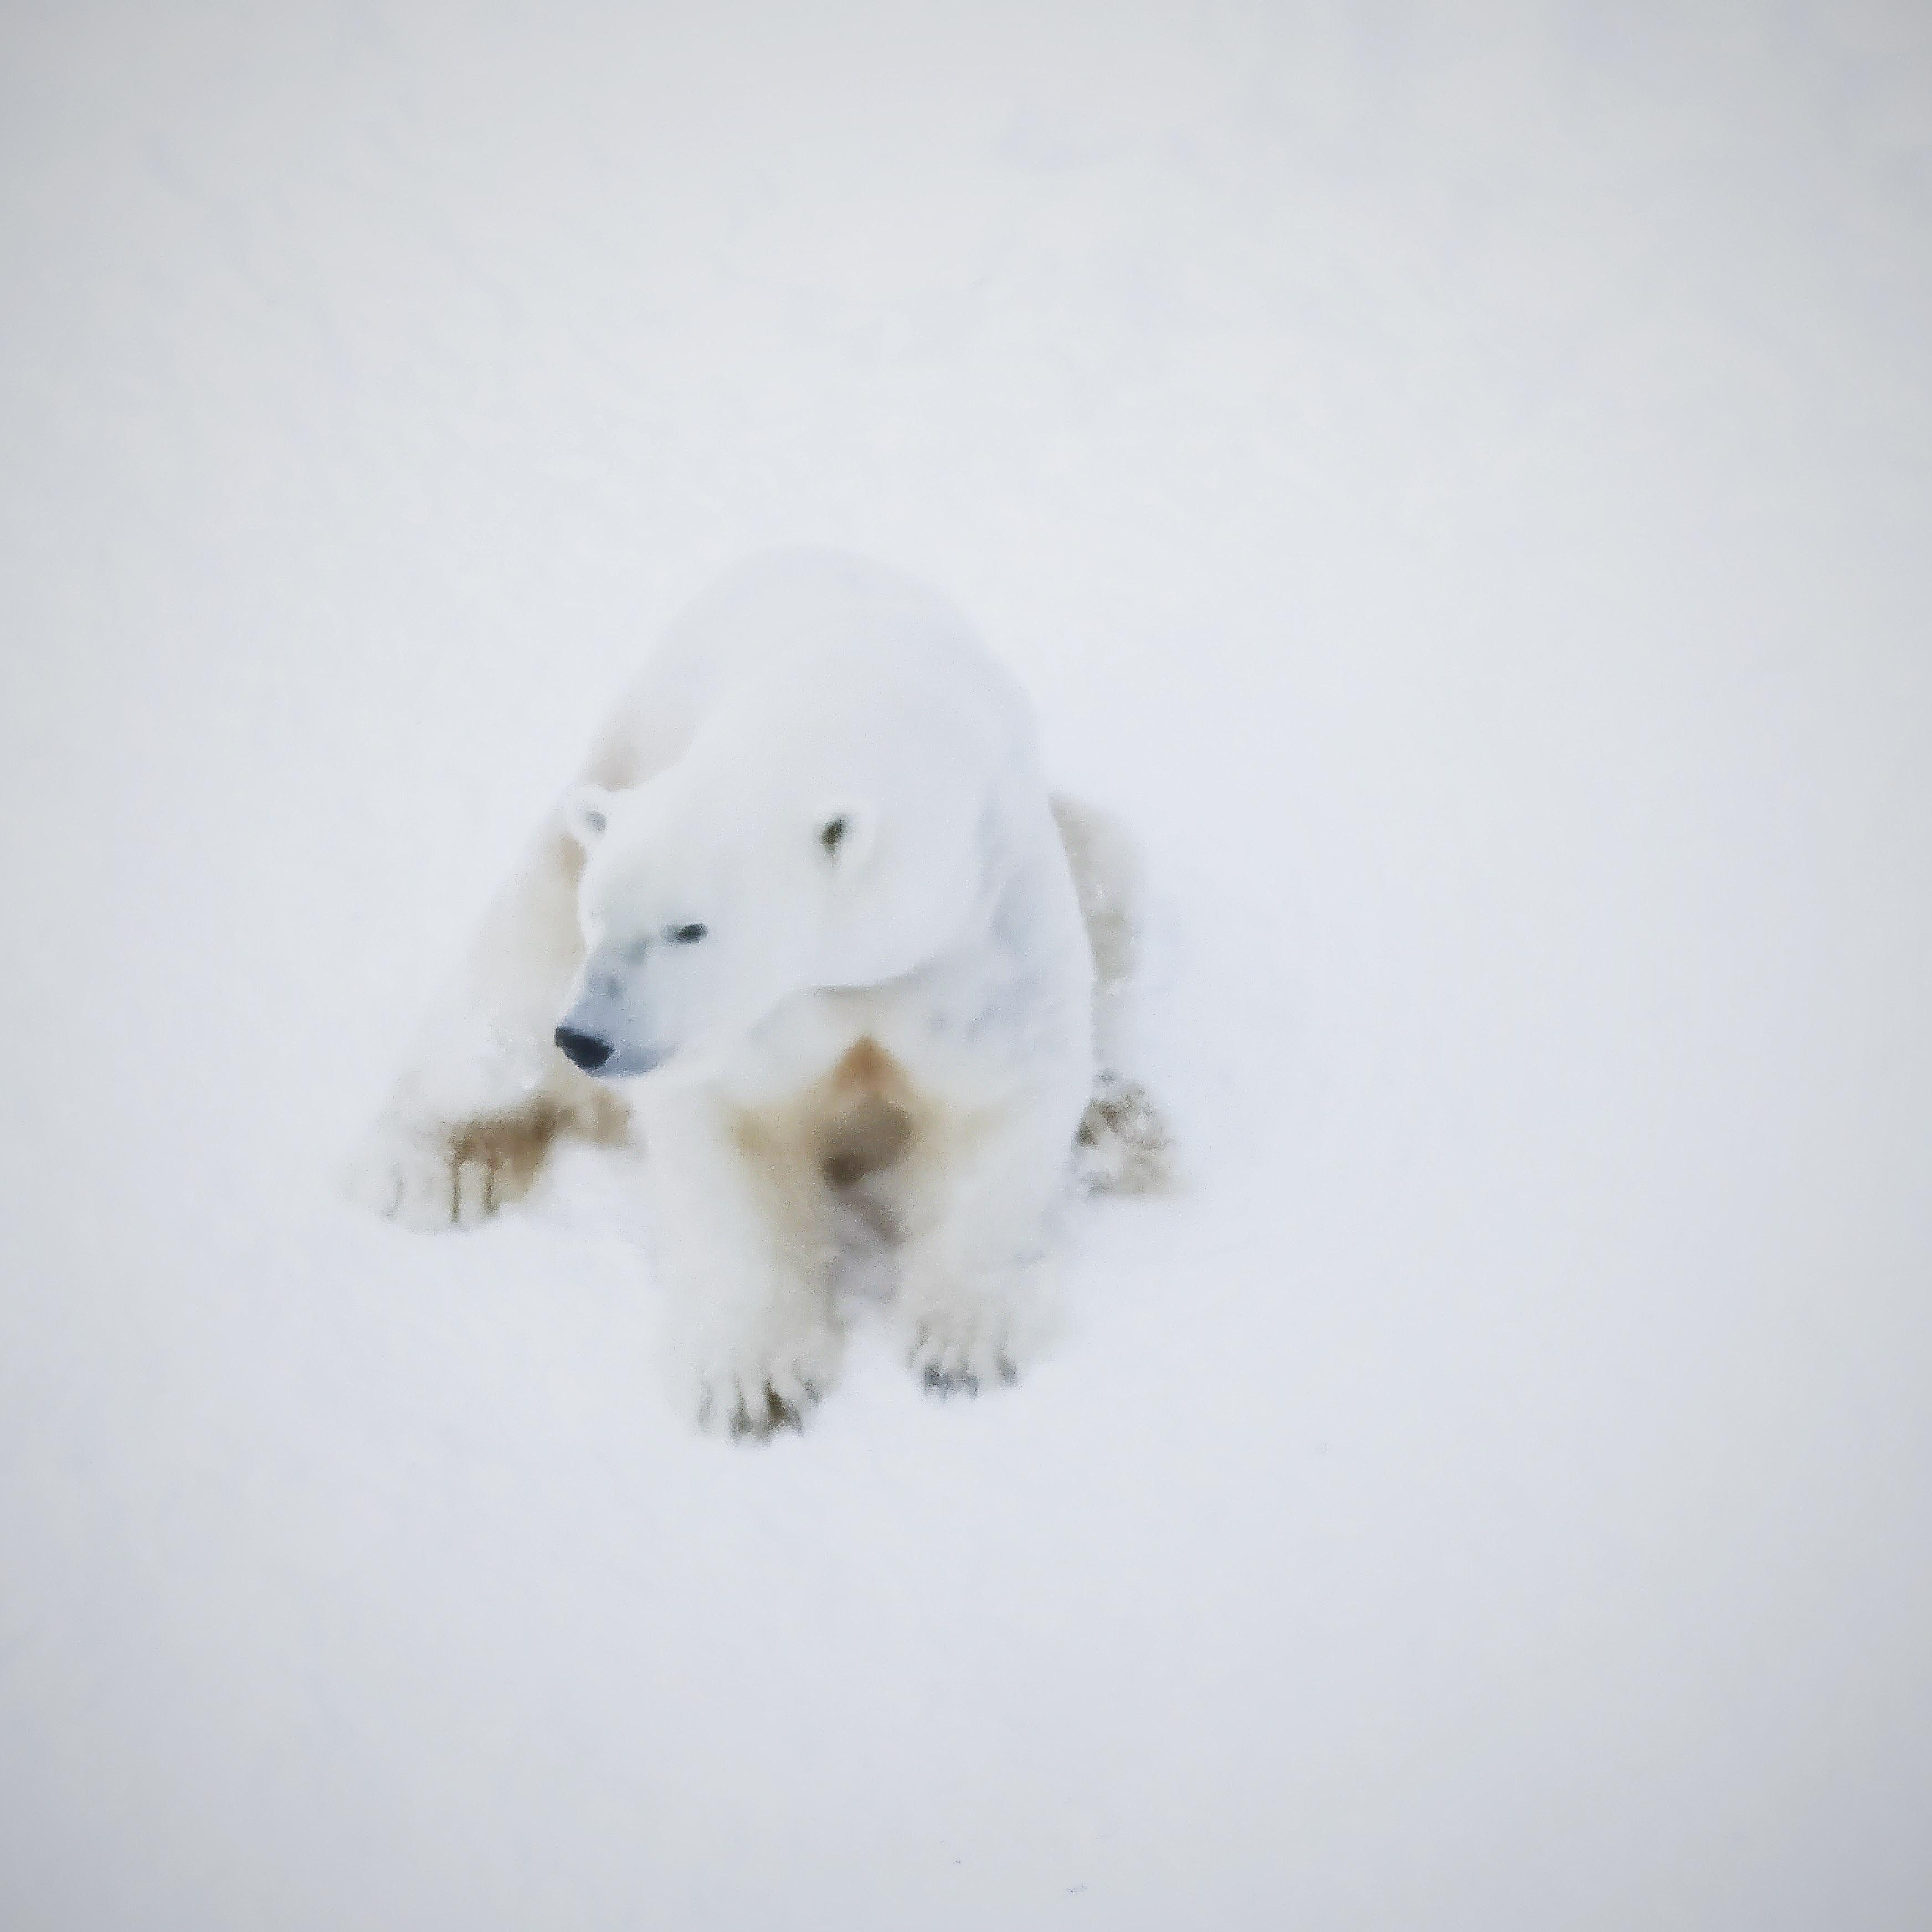 polar bear on snow covered ground